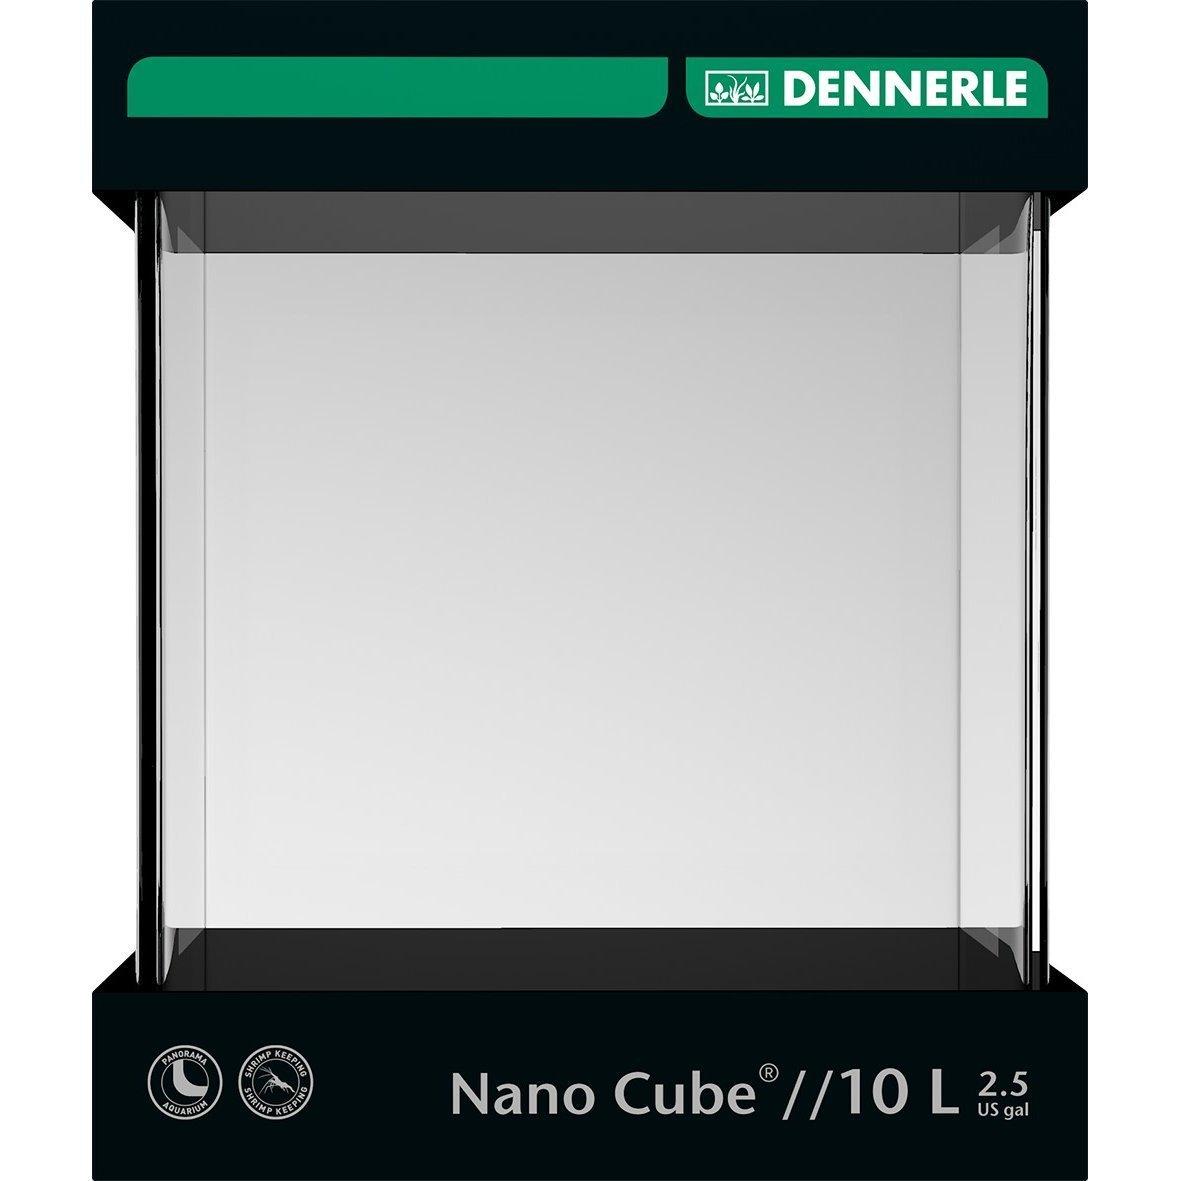 Dennerle NanoCube Aquarium, Bild 2